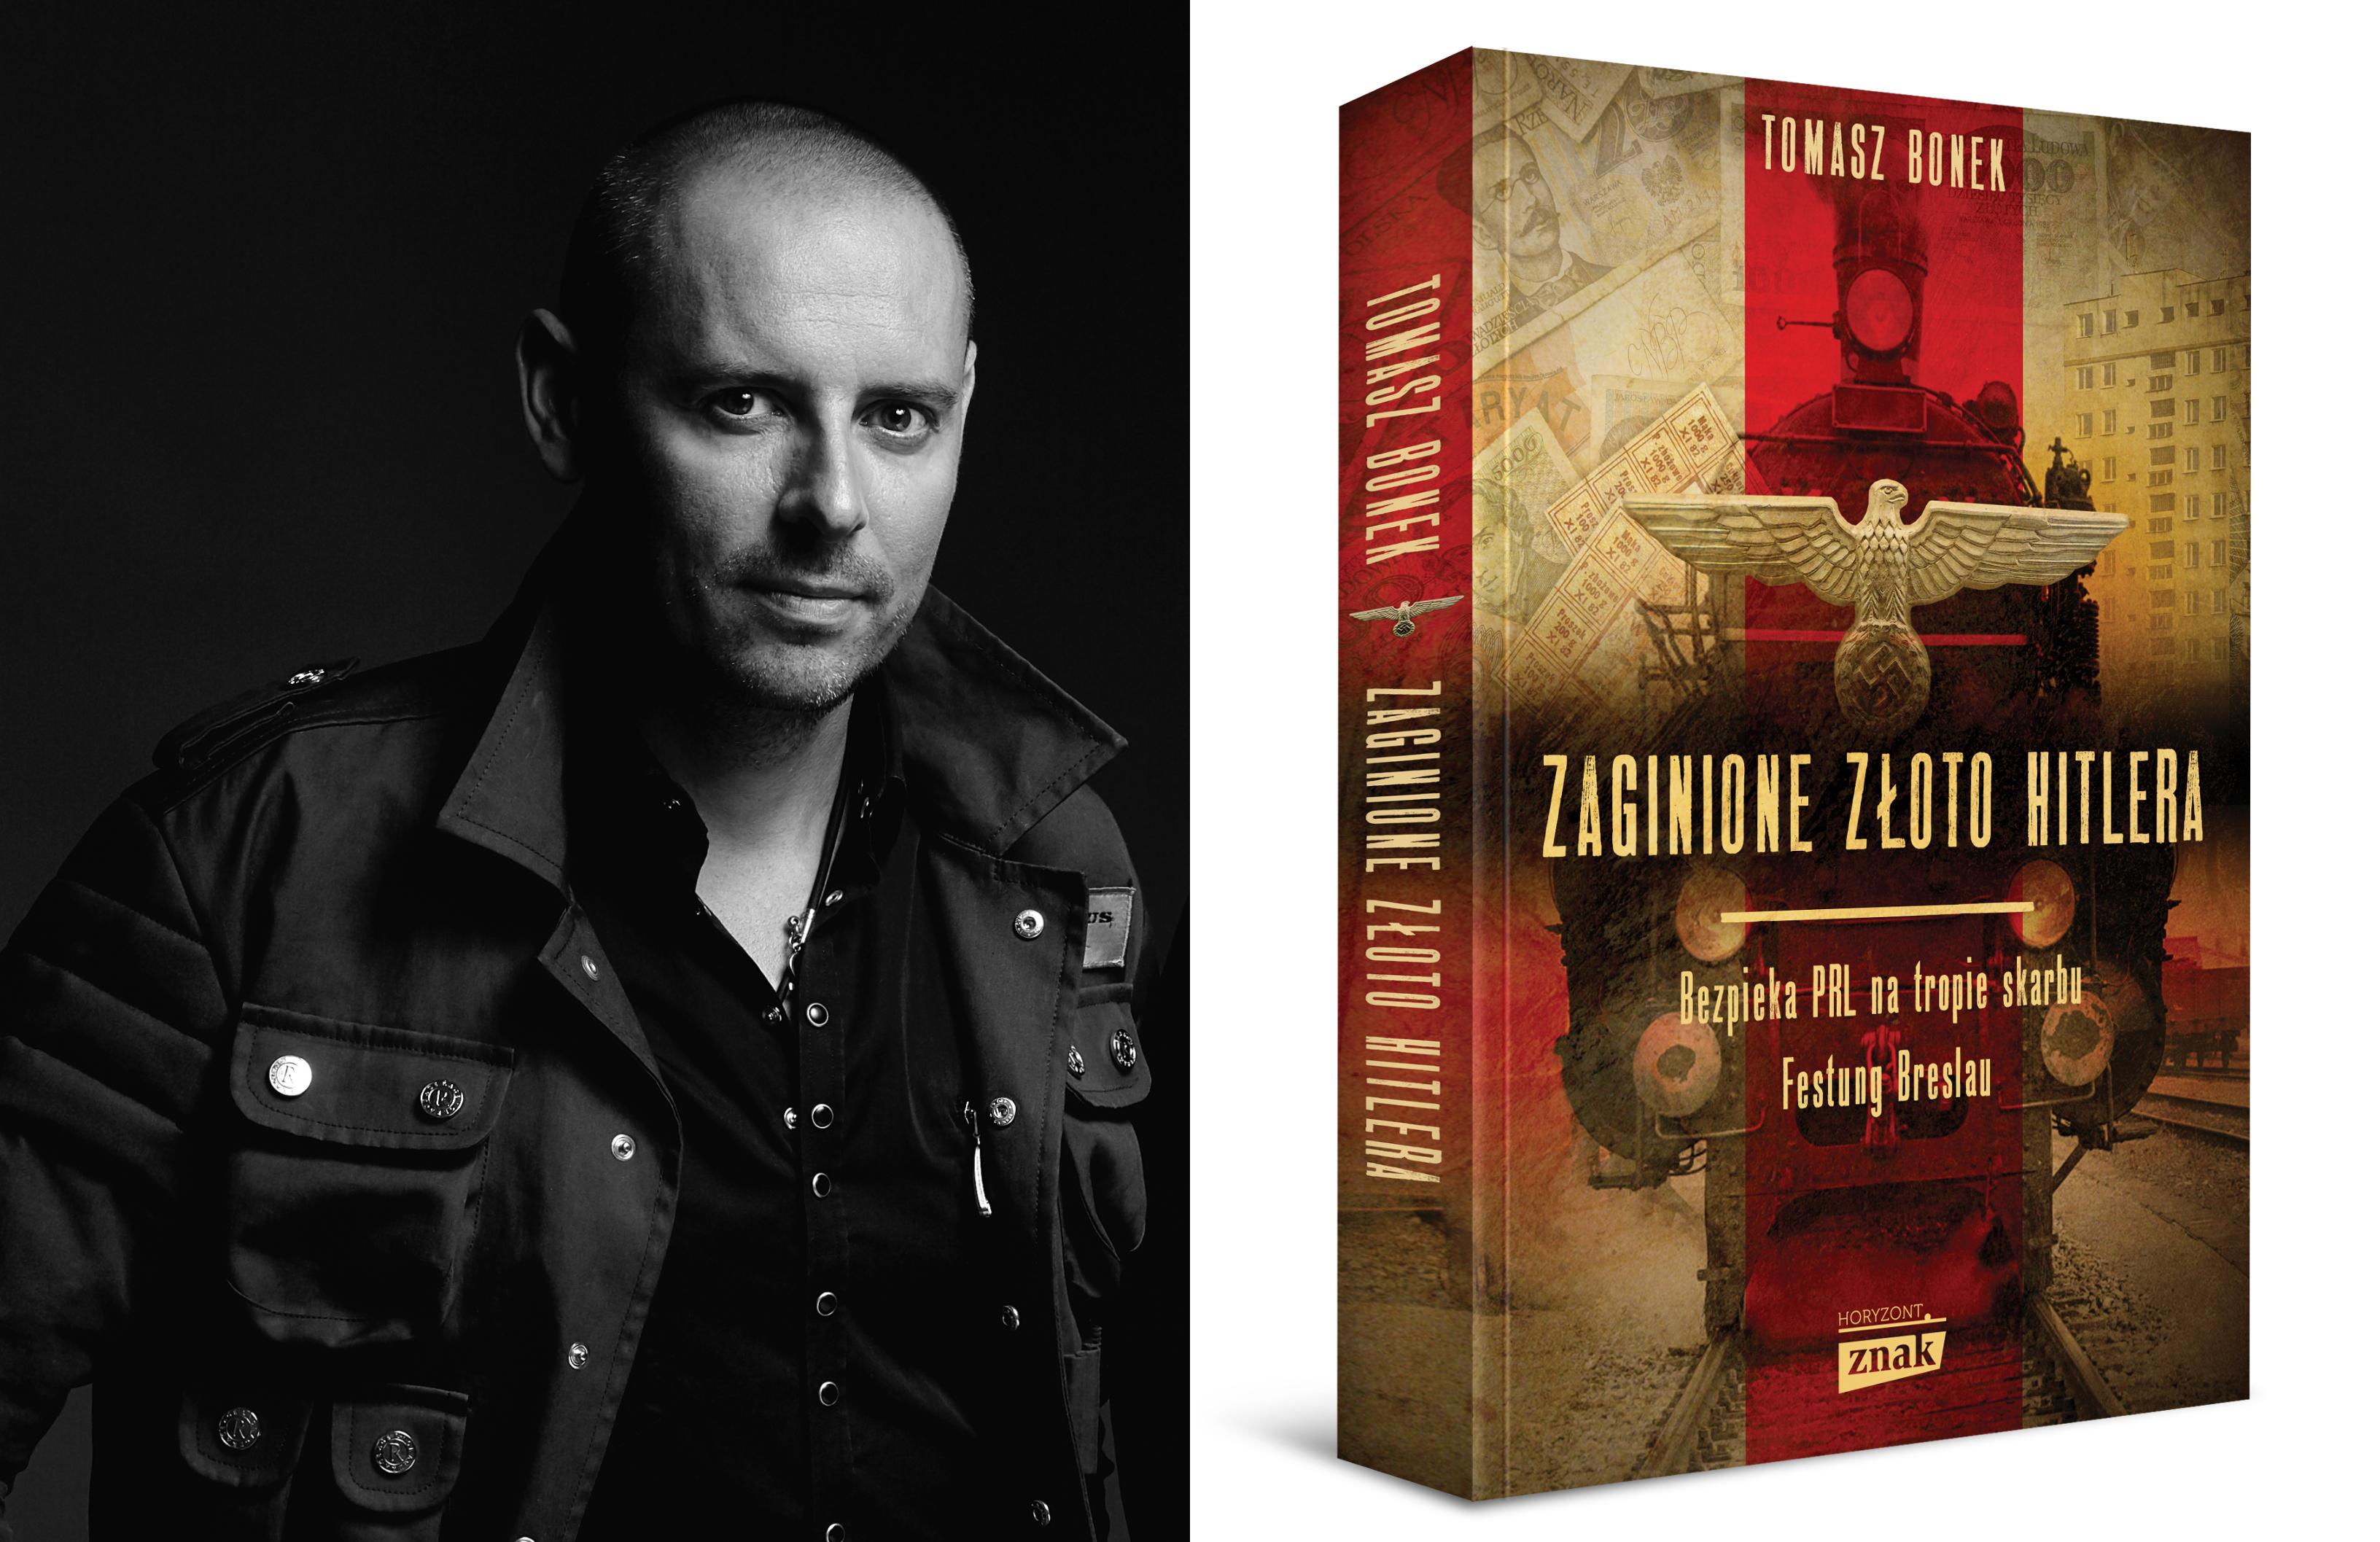 Tomasz Bonek, autor książki 'Zaginione złoto Hitler' (fot. Bartek Sadowski)